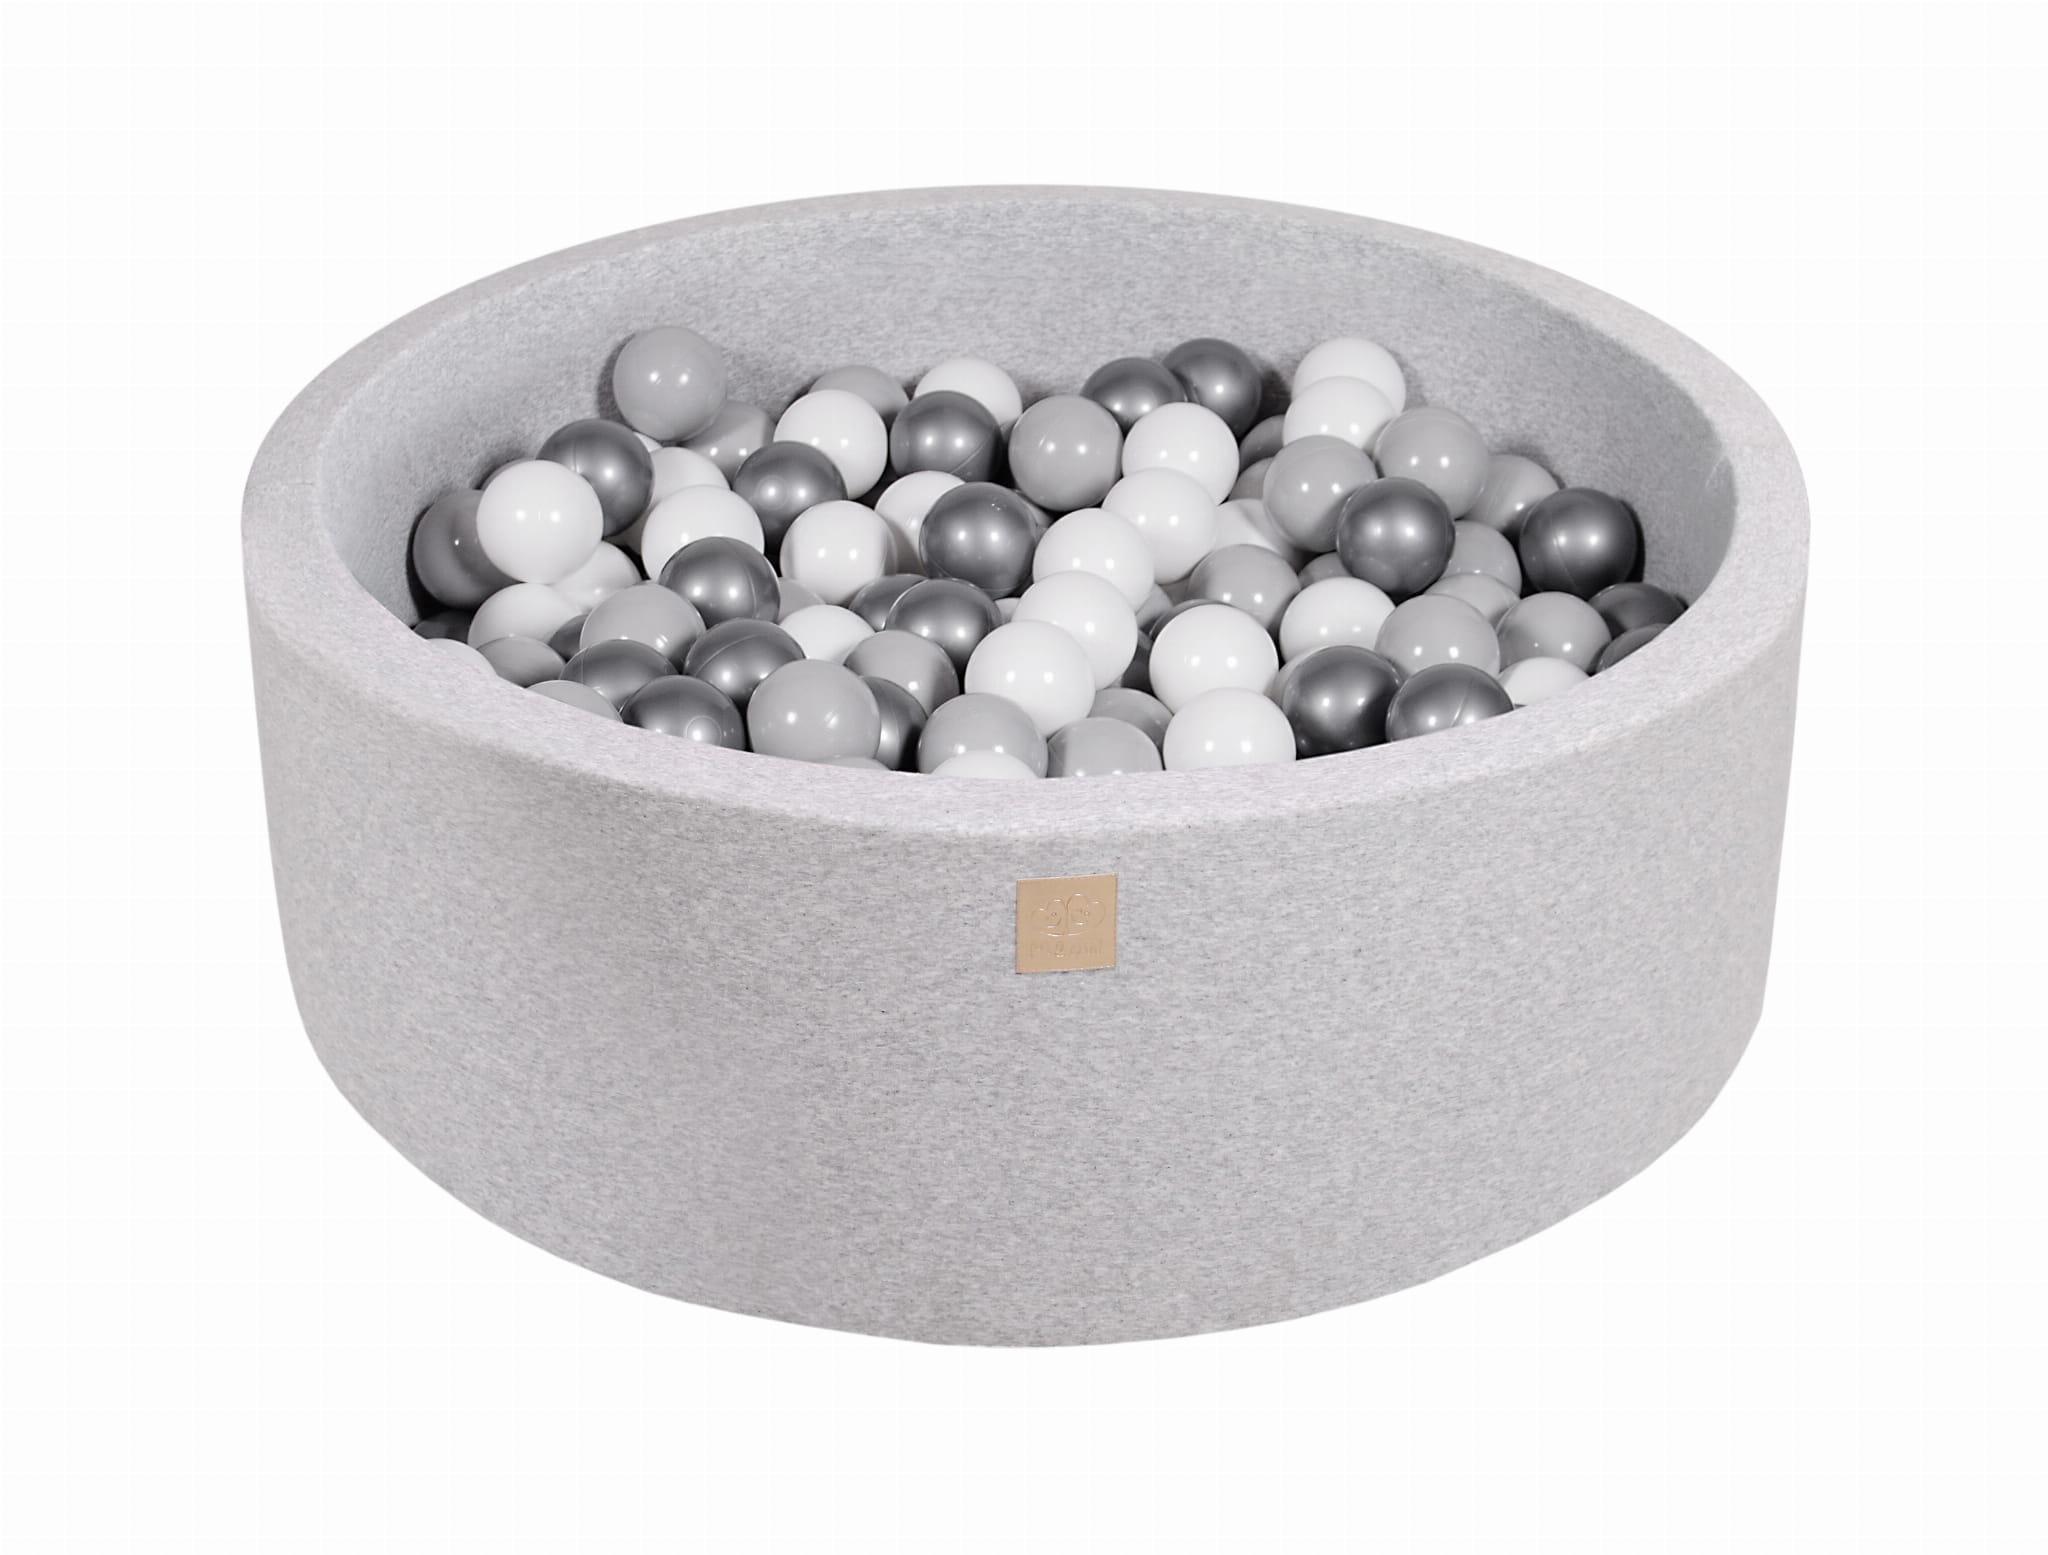 Meowbaby® Piscine À Balles Pour Bébé 200 Balles, Gris Clair destiné Piscine À Balles Bébé